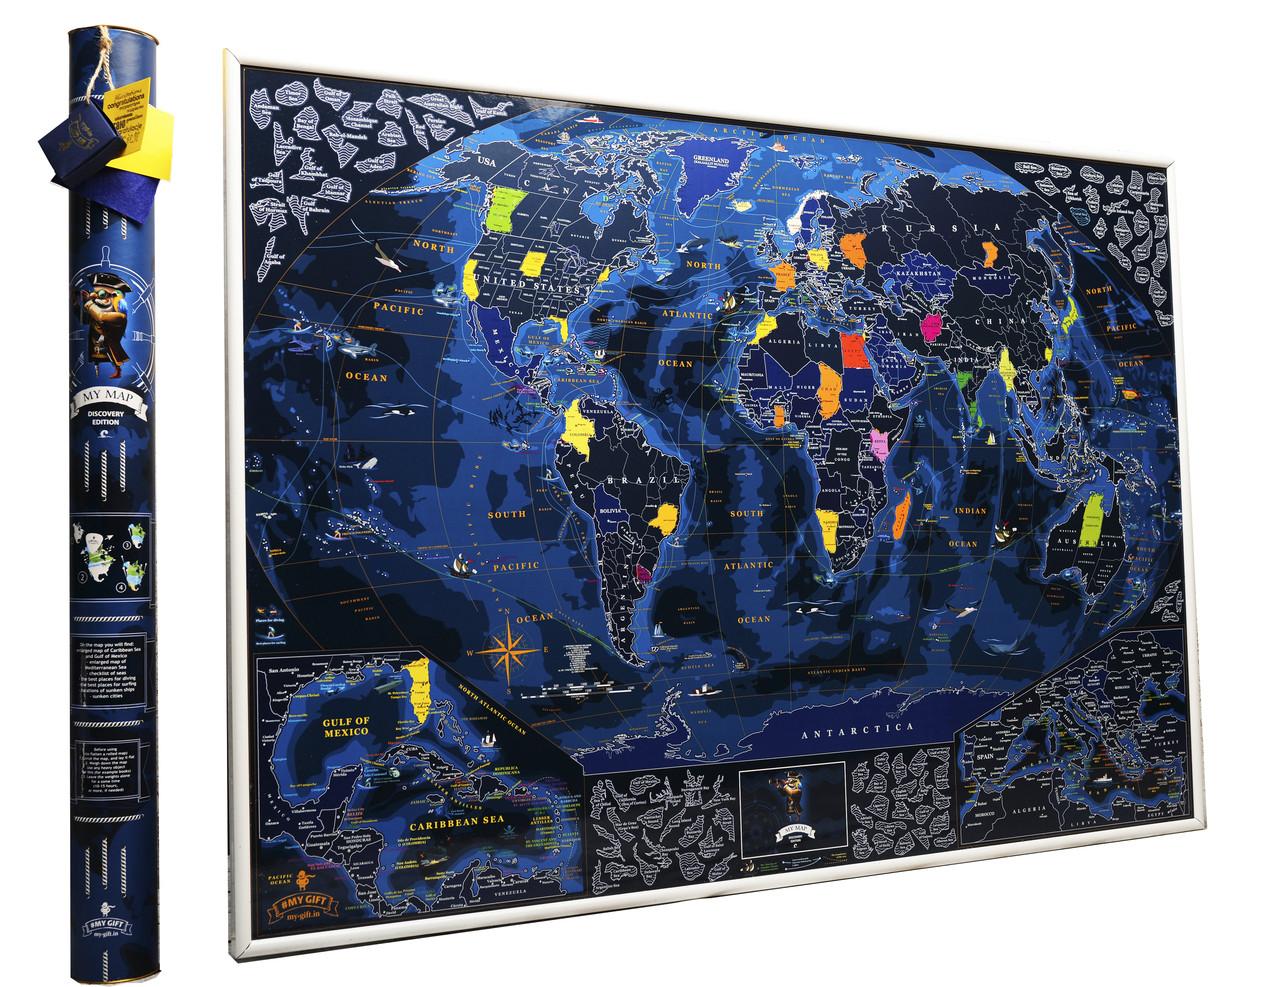 Морская скретч карта мира My Map Discovery edition ENG Увеличенные области Средиземного и Карибского морей